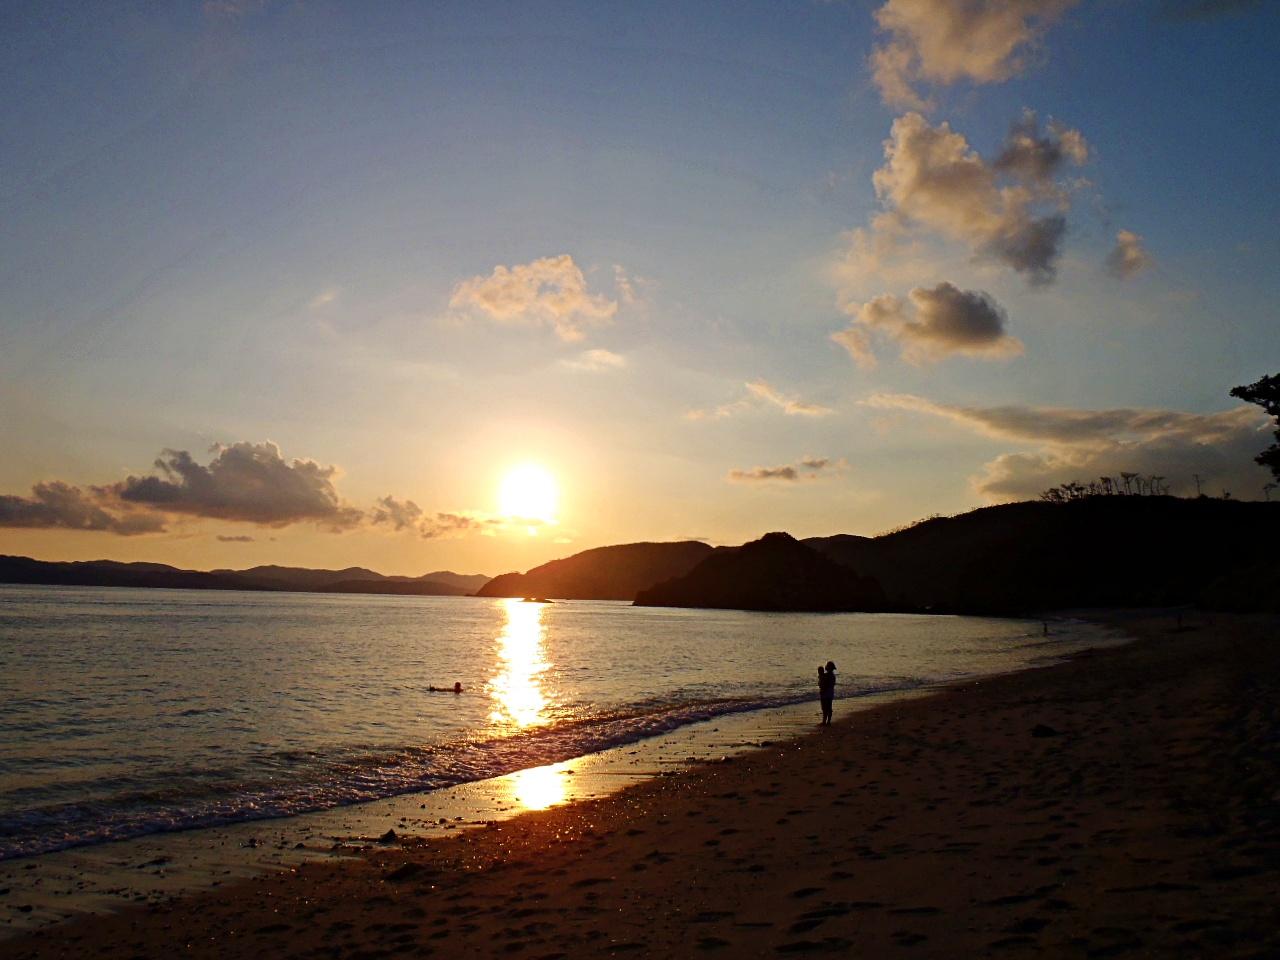 加計呂麻の海に沈む夕日